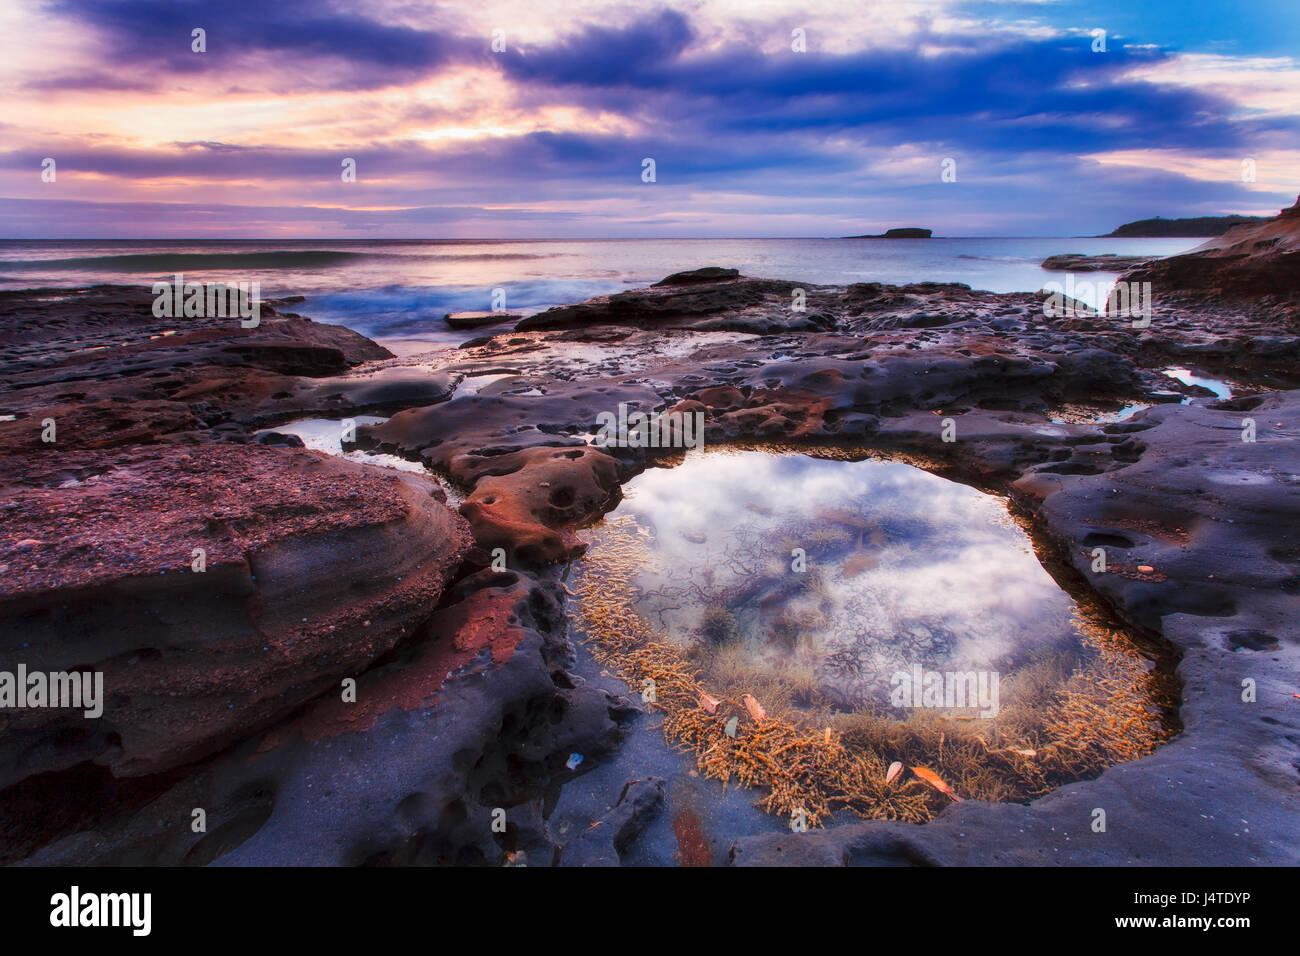 Nuageux lever du soleil sur l'Durral la tête mer rocheux à marée basse quand saltwtter les flaques Photo Stock